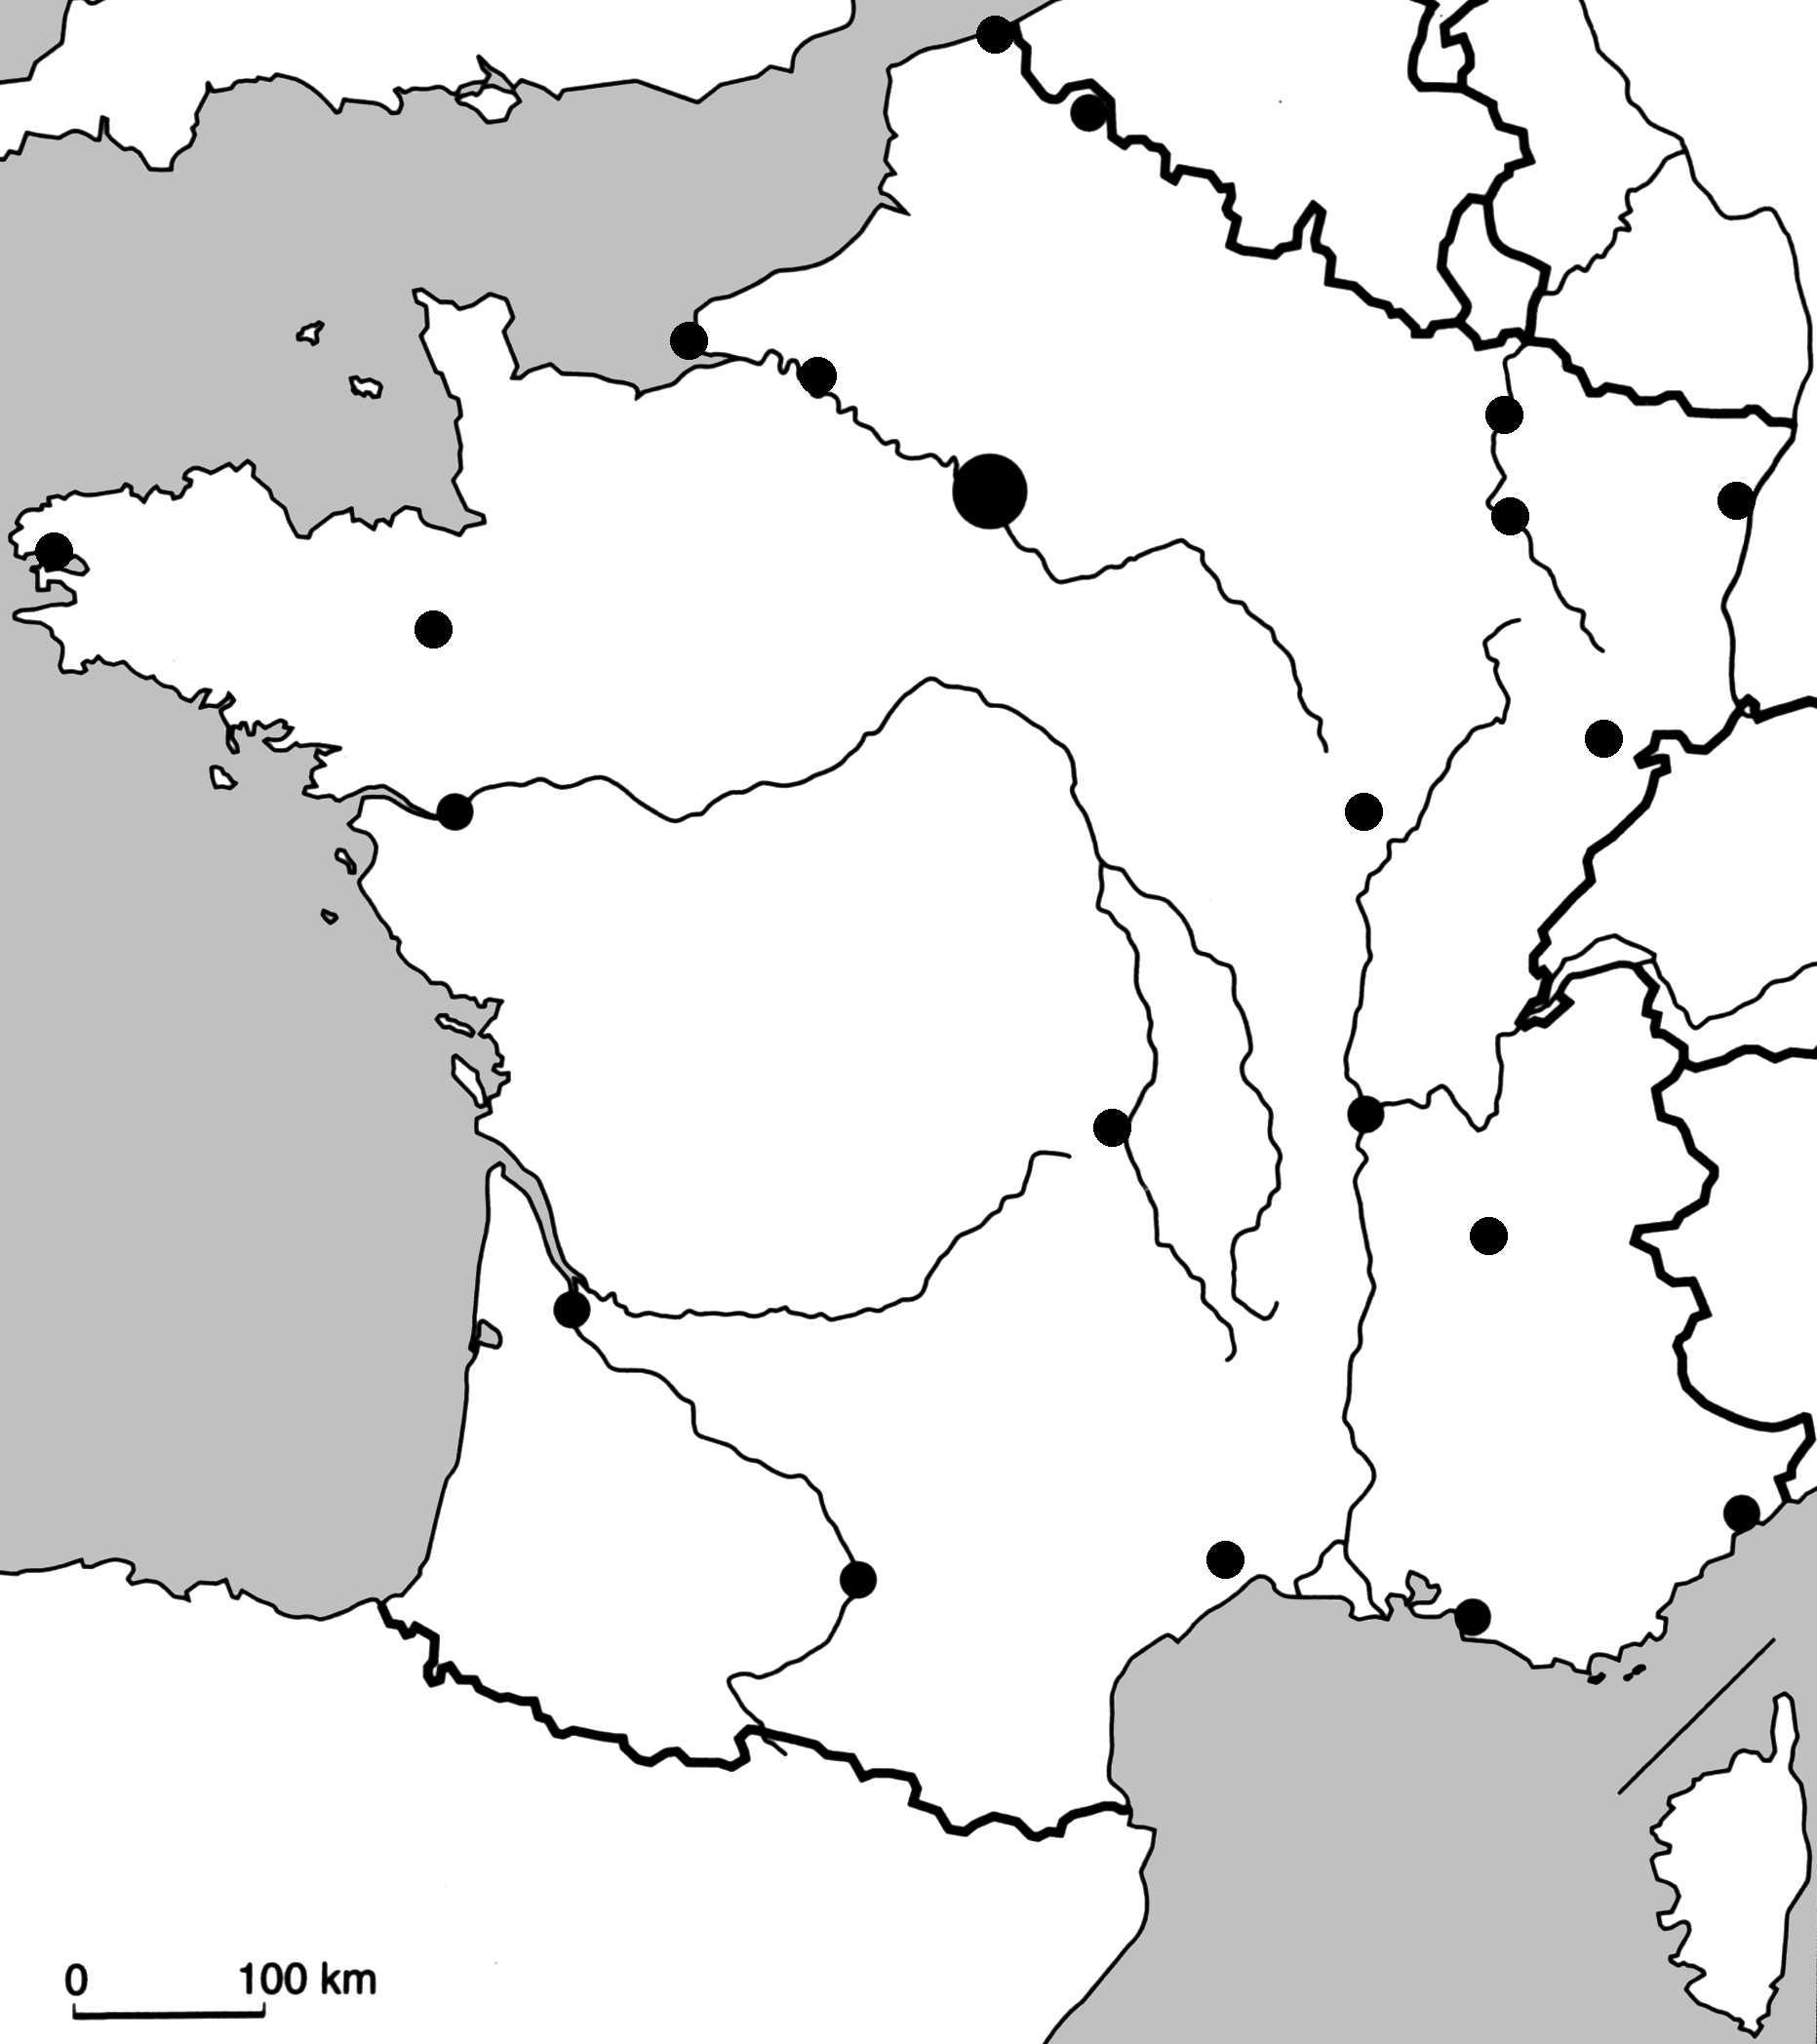 Carte De La France À Compléter | My Blog pour Carte De France A Remplir